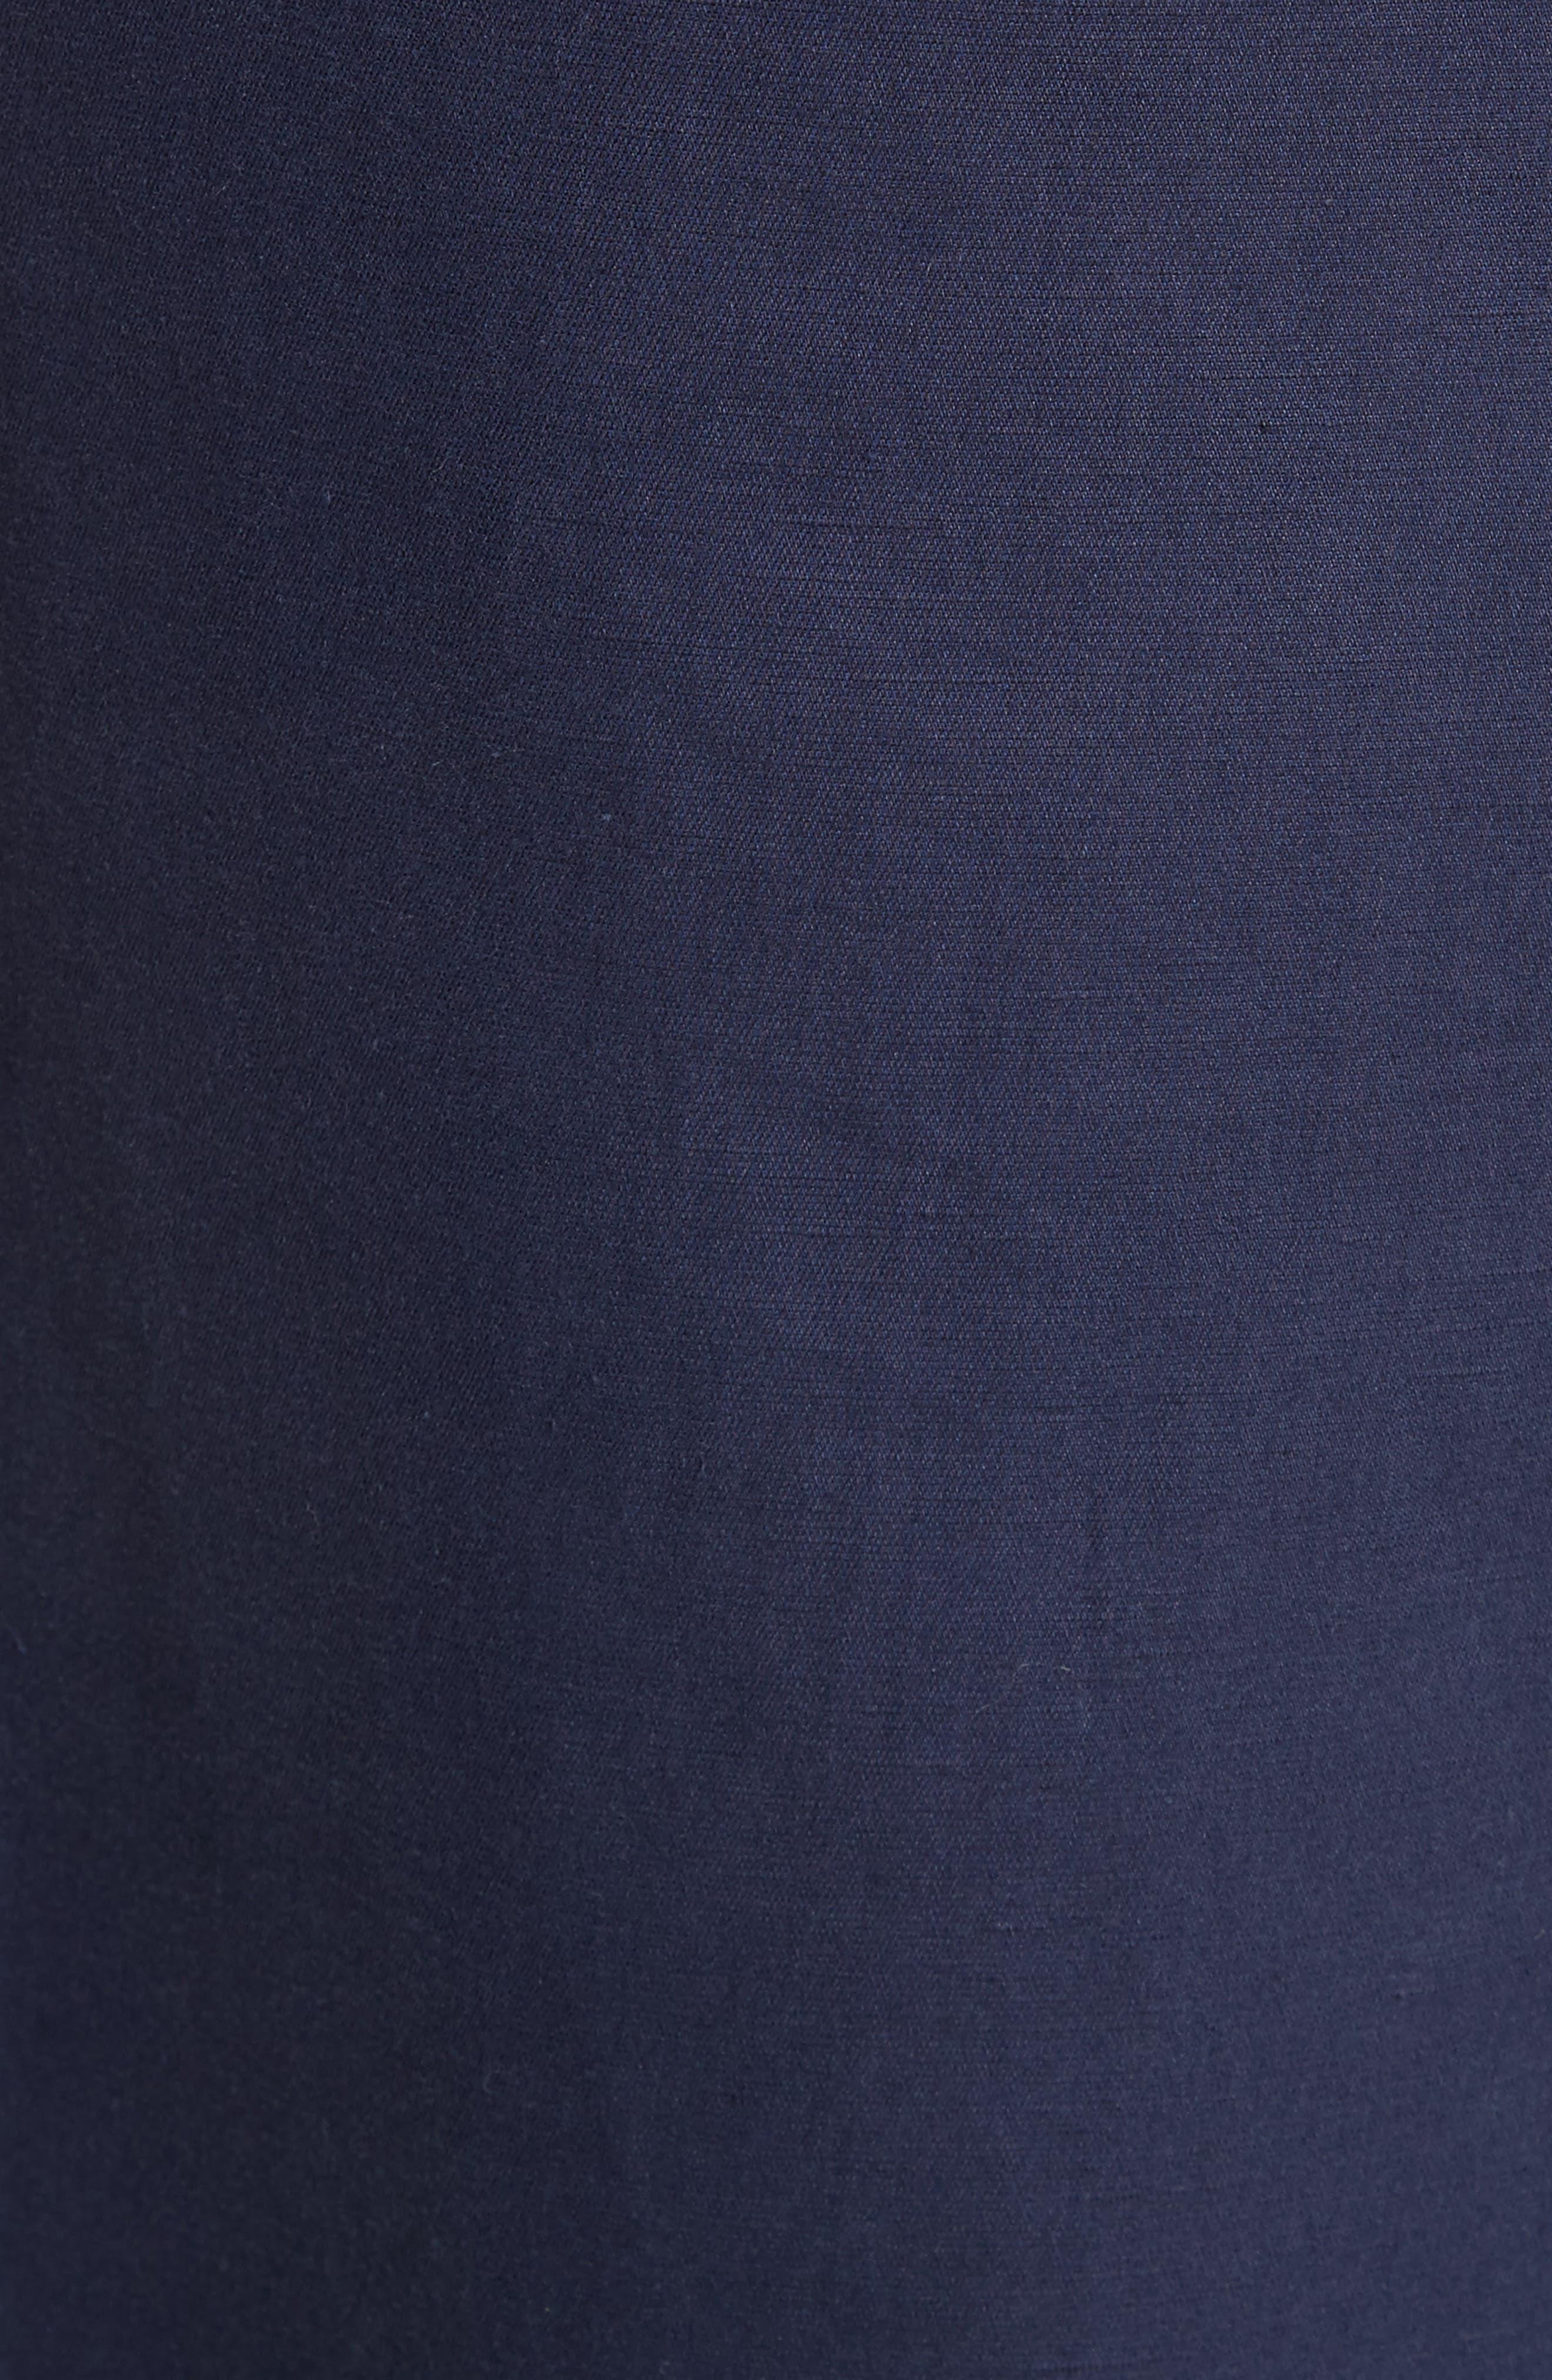 Chassis Plain Weave Crop Pants,                             Alternate thumbnail 5, color,                             402